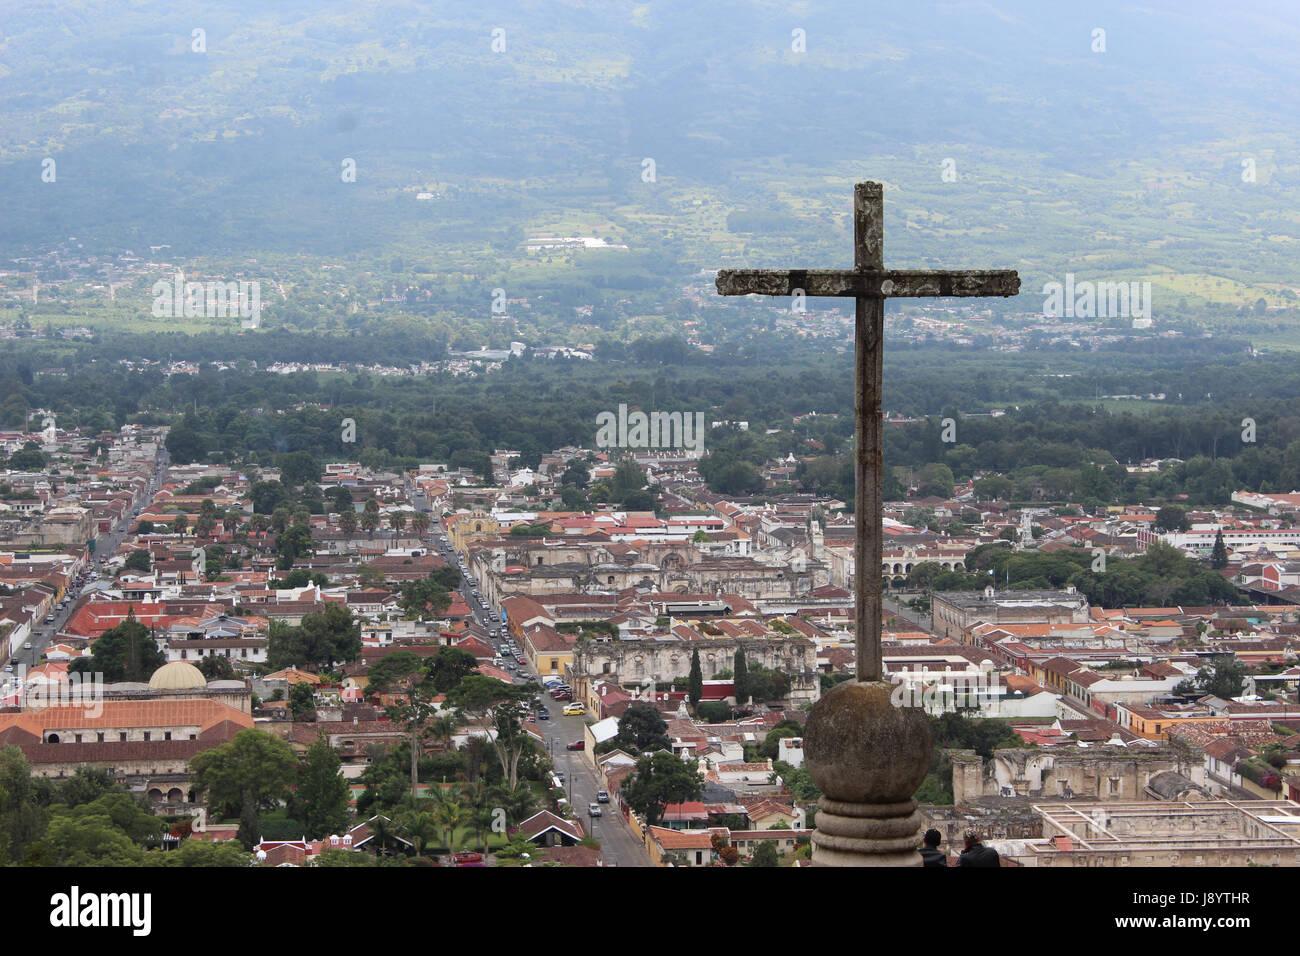 Antigua Guatemala vista desde El Cerro de la Cruz, importante ciudad colonial de latino américa, patrimonio cultural Stock Photo